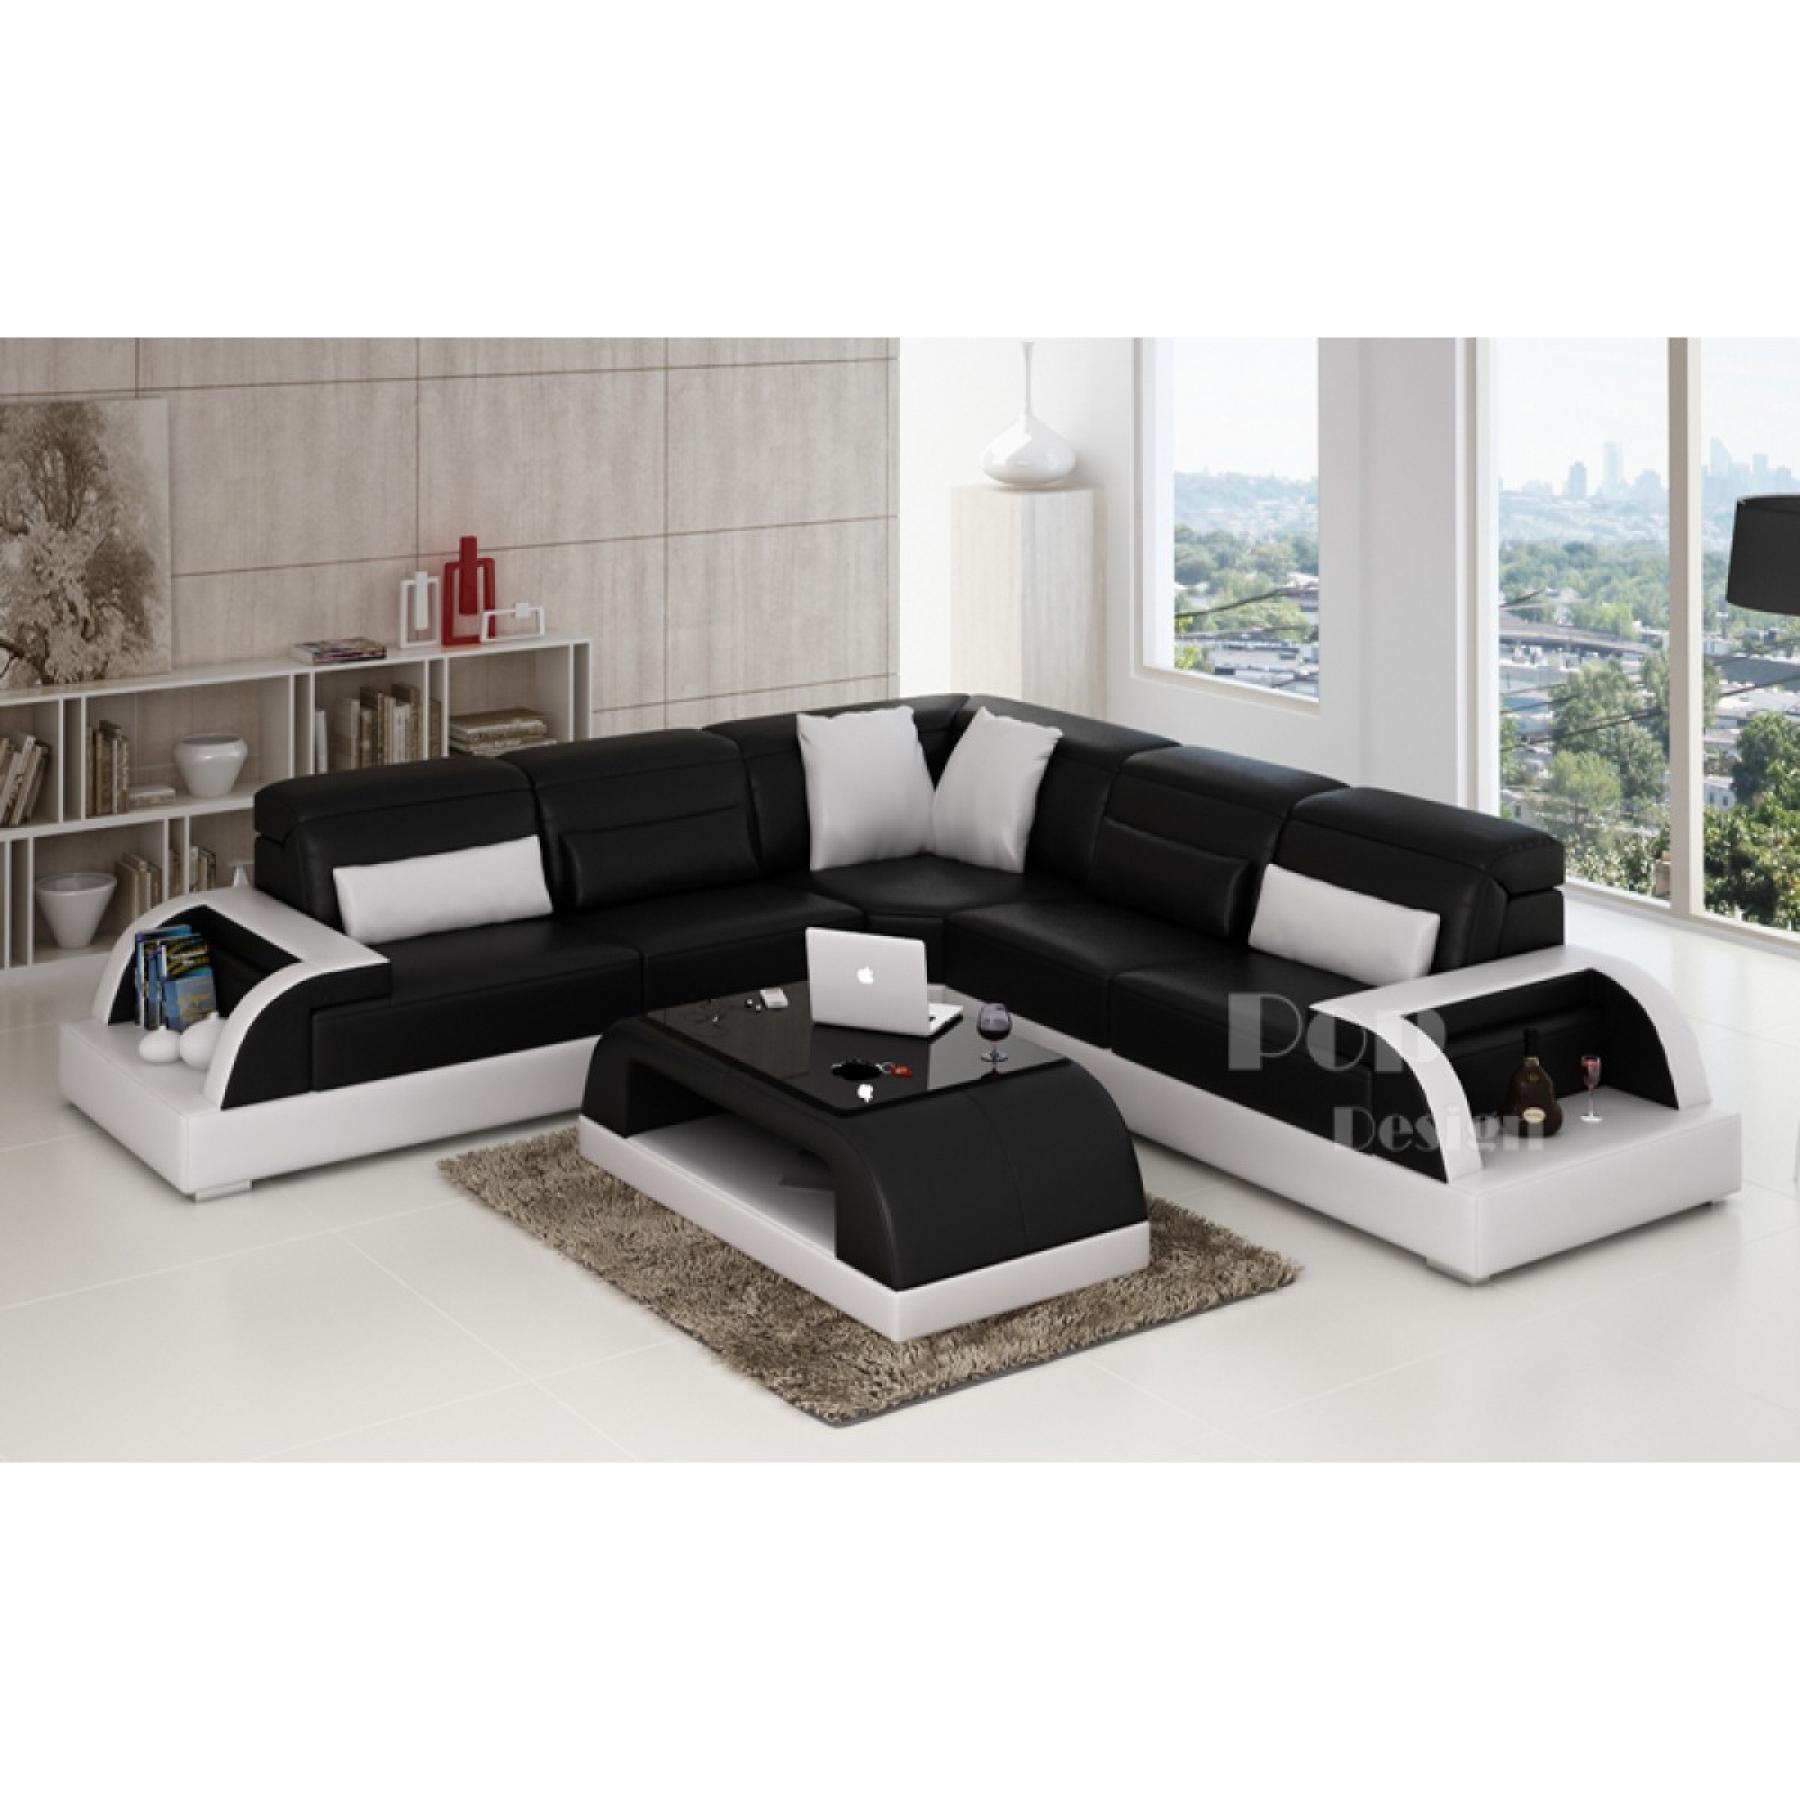 s canapé d angle cuir noir et blanc